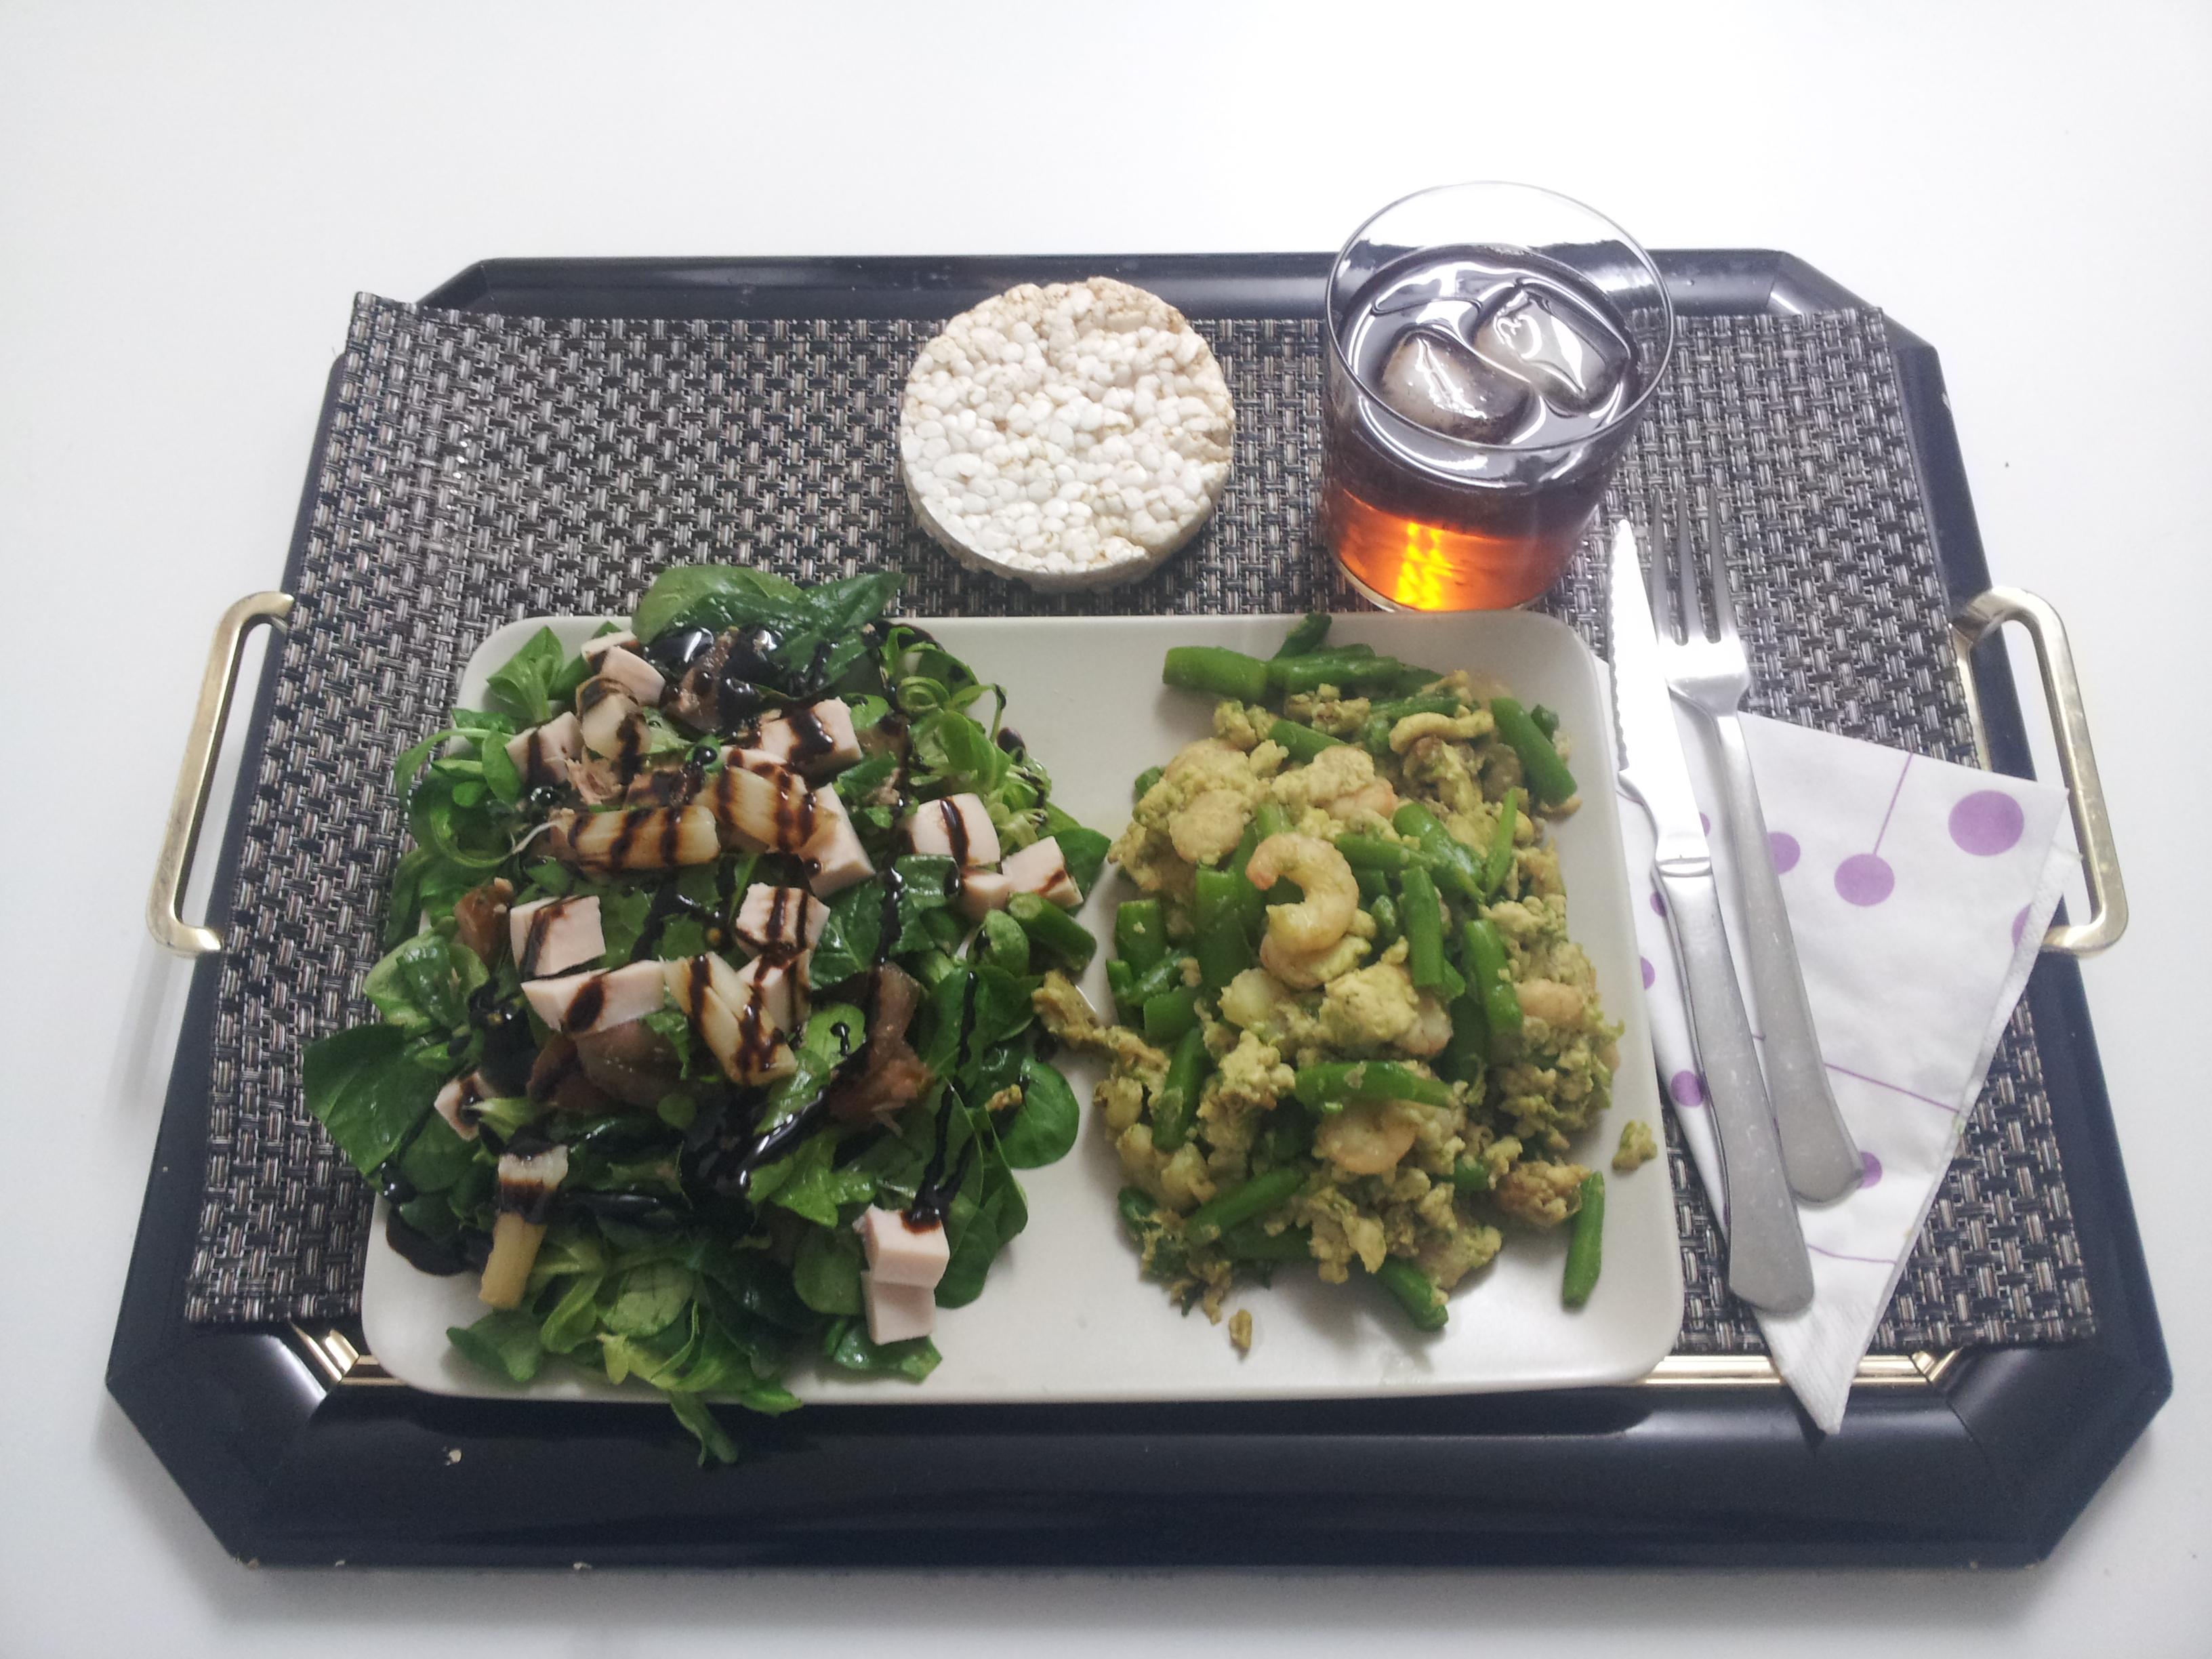 Cenas saludables, cenas fitness, cenas sanas, ensalada, gambas, revuelto.